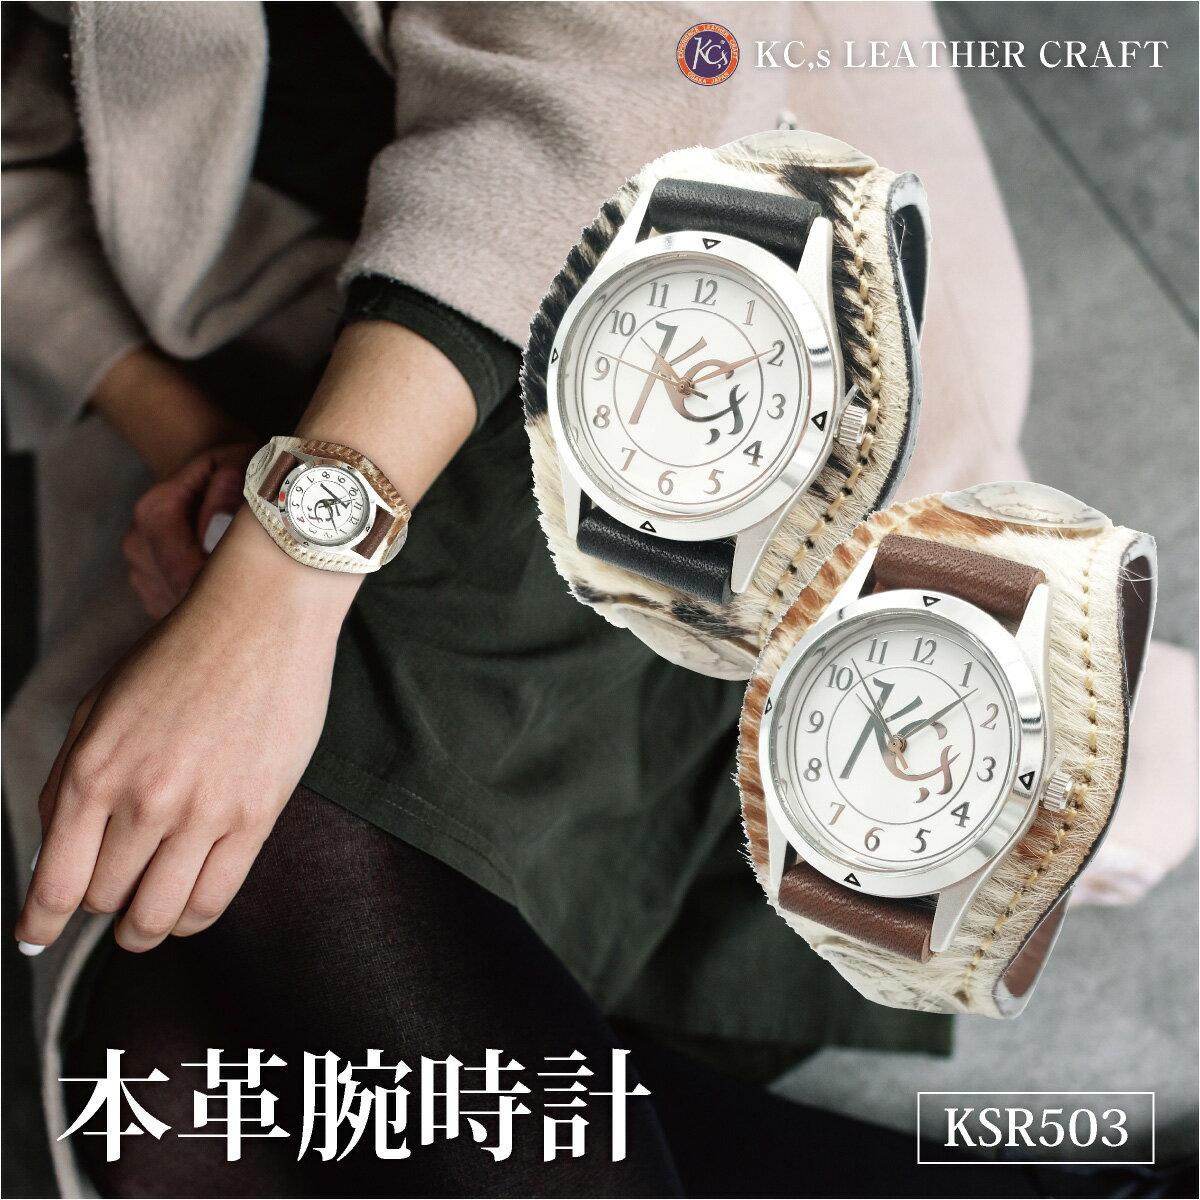 腕時計, 男女兼用腕時計  KC,s 3 ksr503